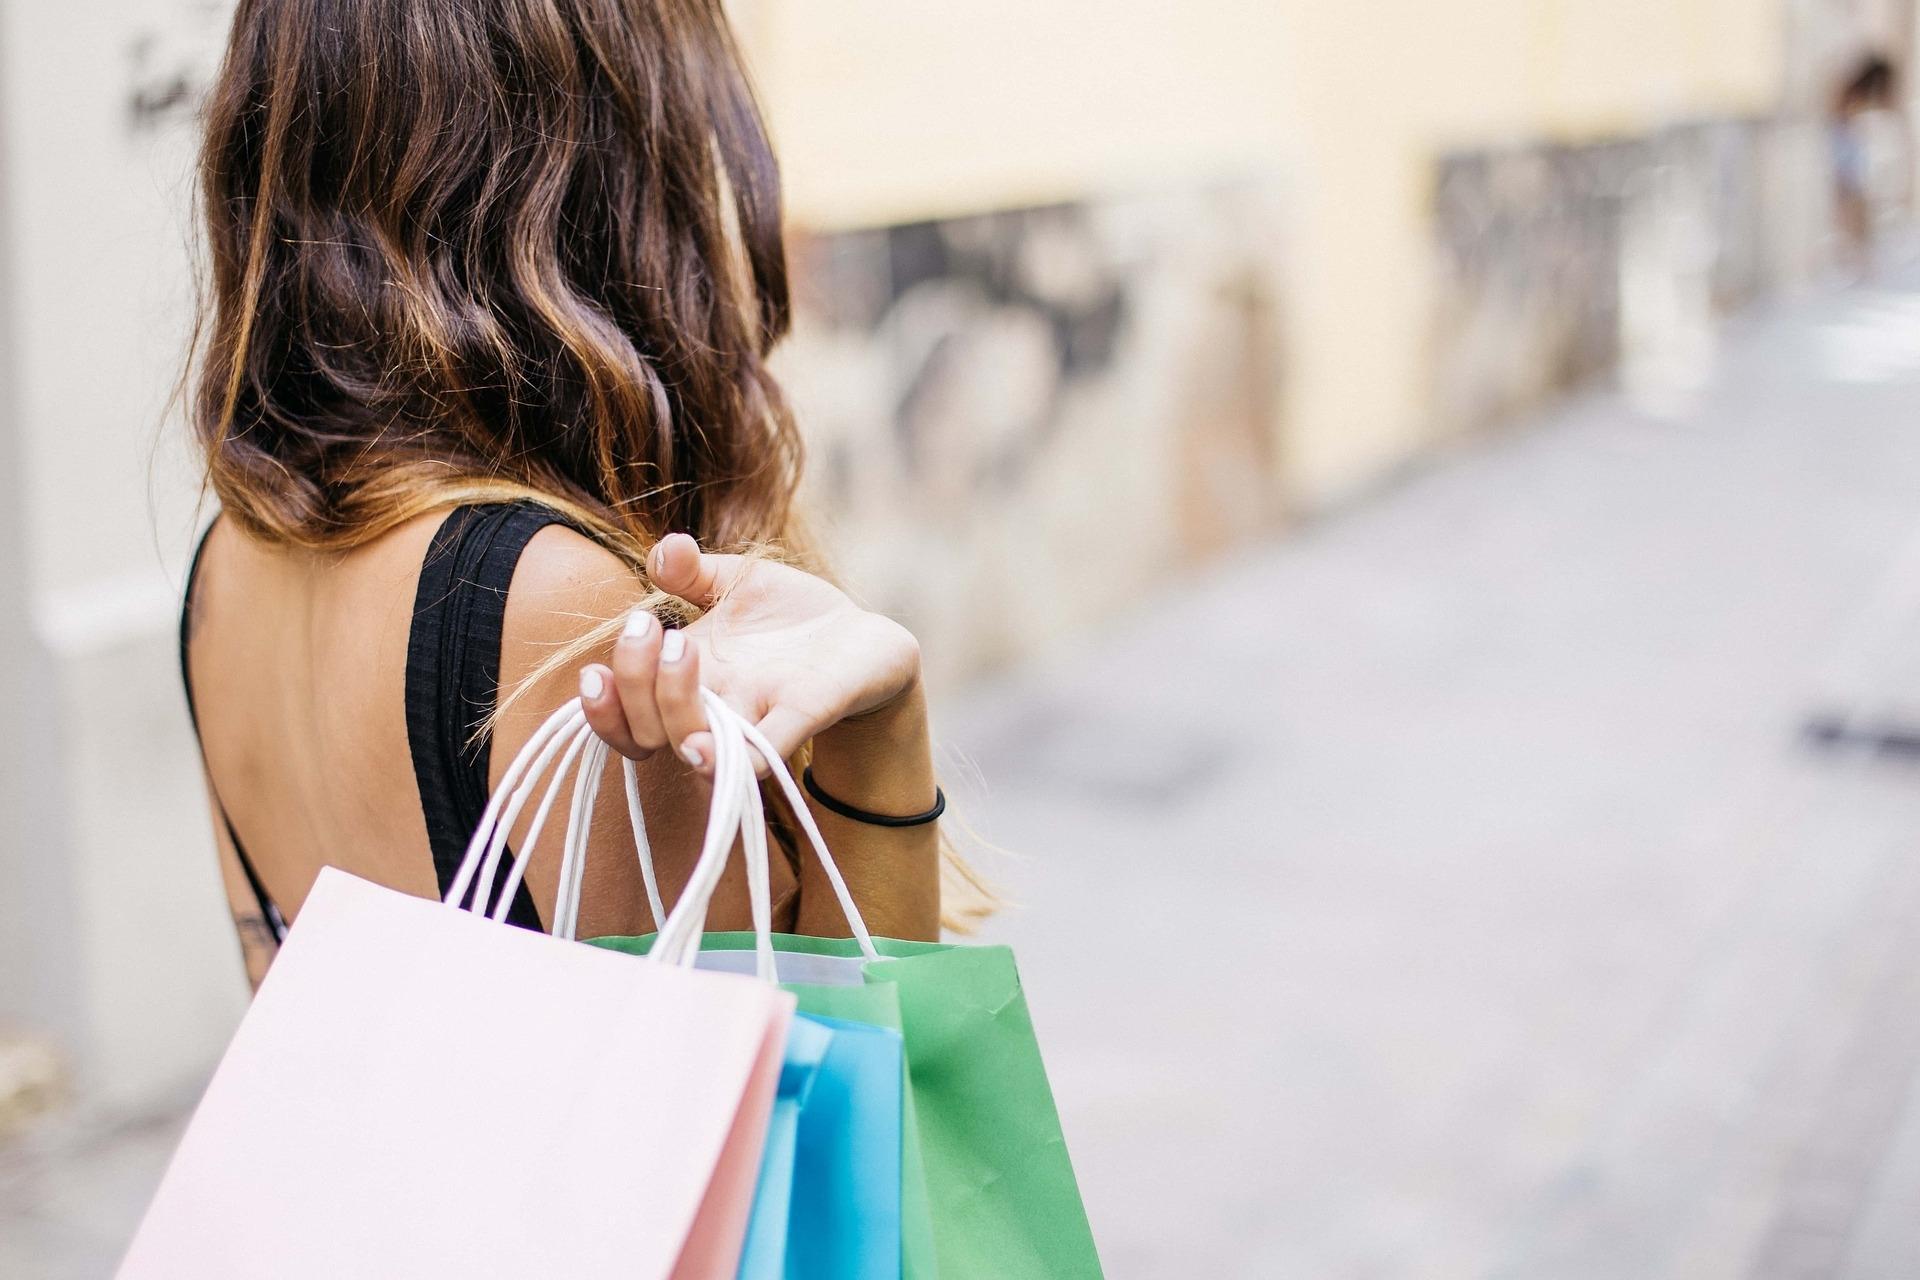 Saldi: cosa comprare? Idee per il tuo shopping